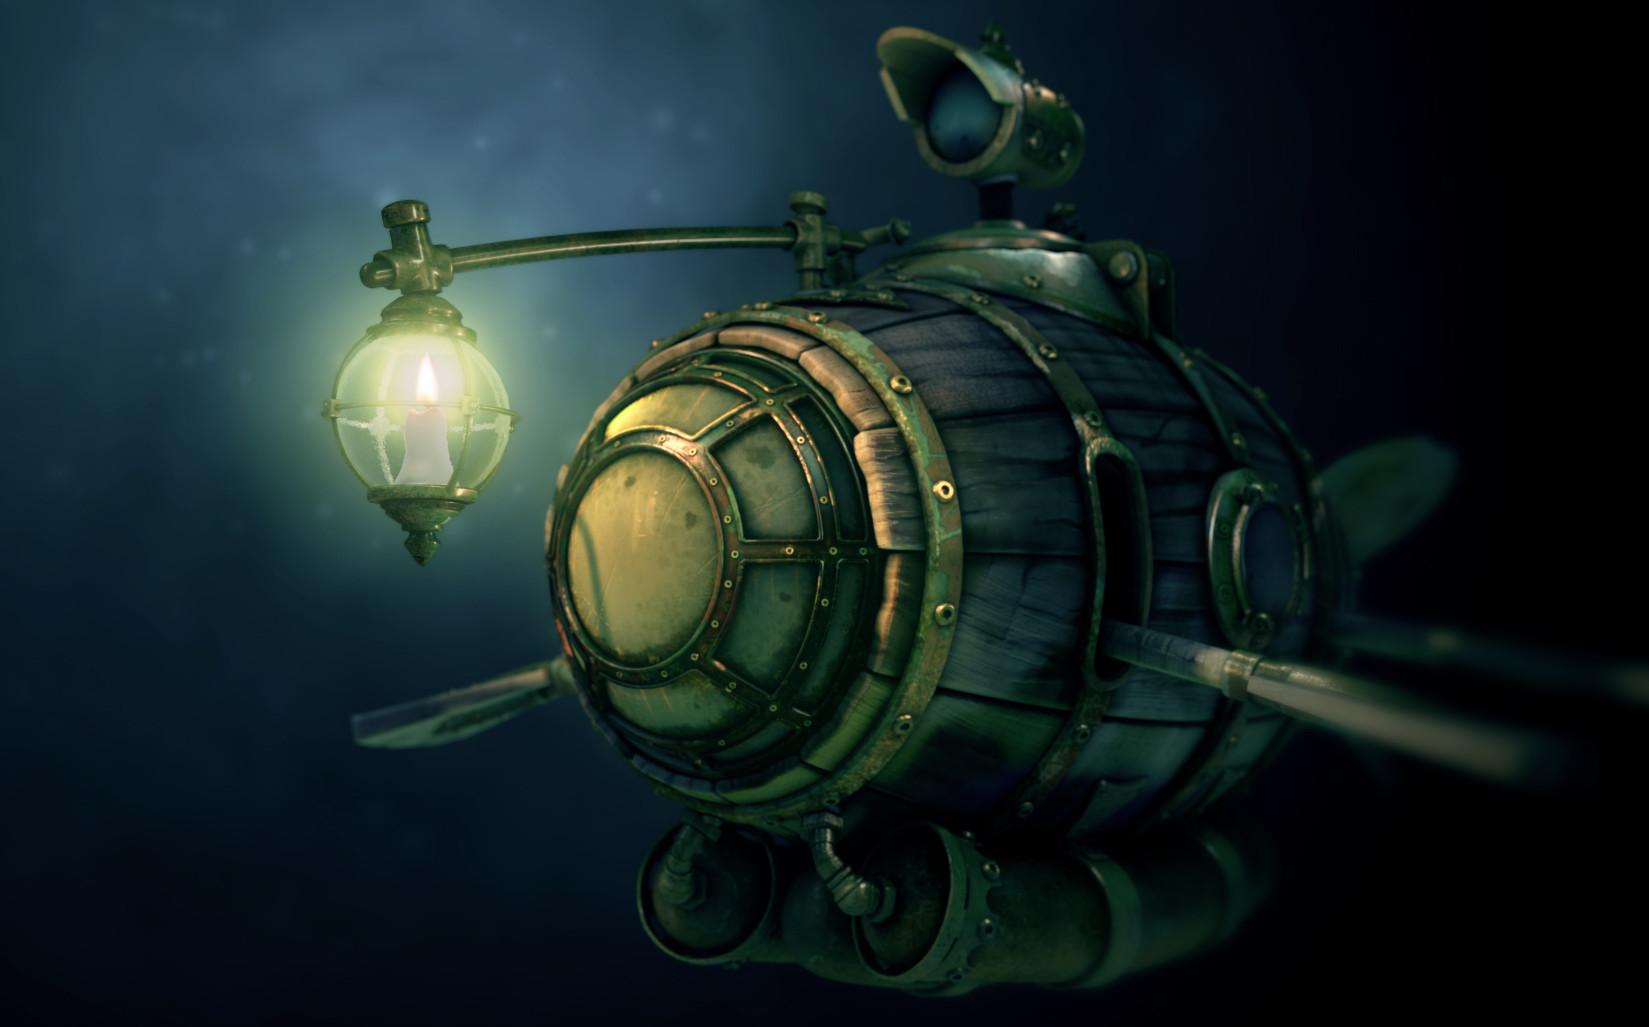 ArtStation - Submarine, Peer Draeger